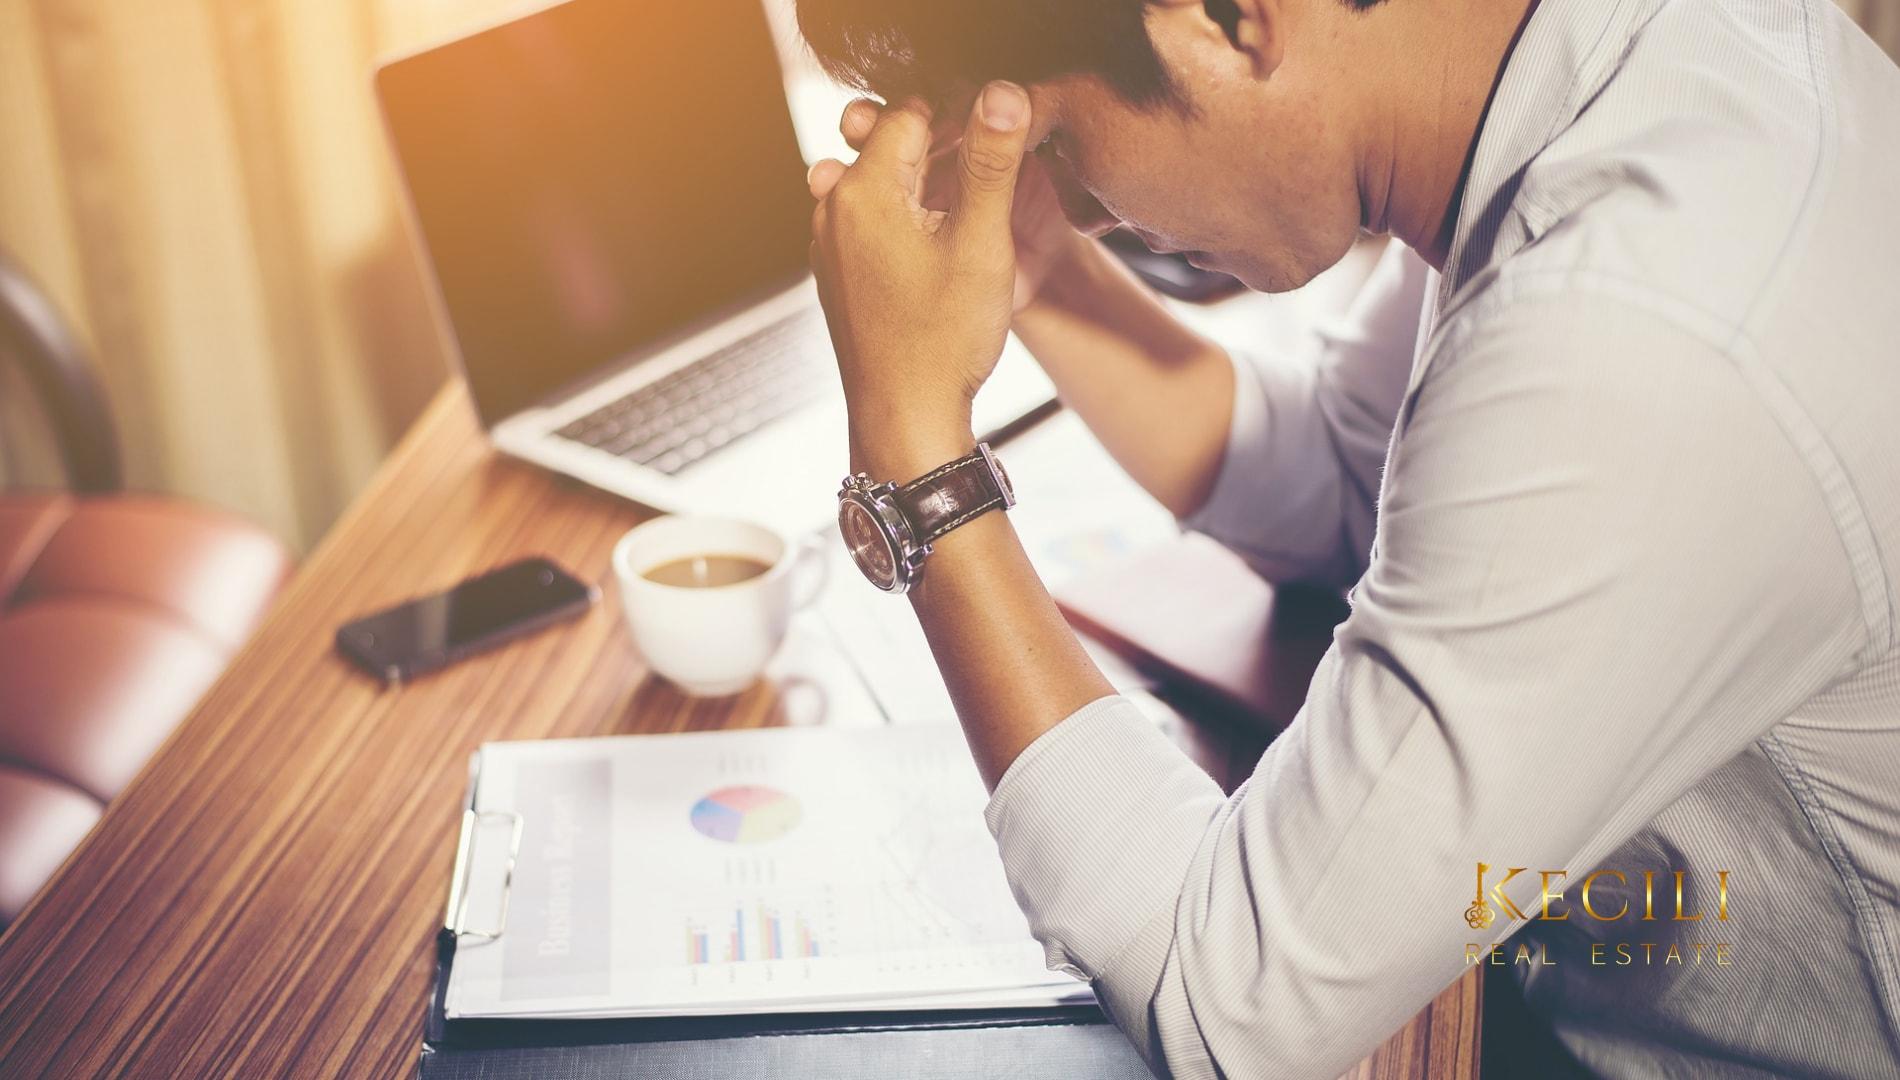 Comment réduire votre stress avec cette méthode simple et efficace